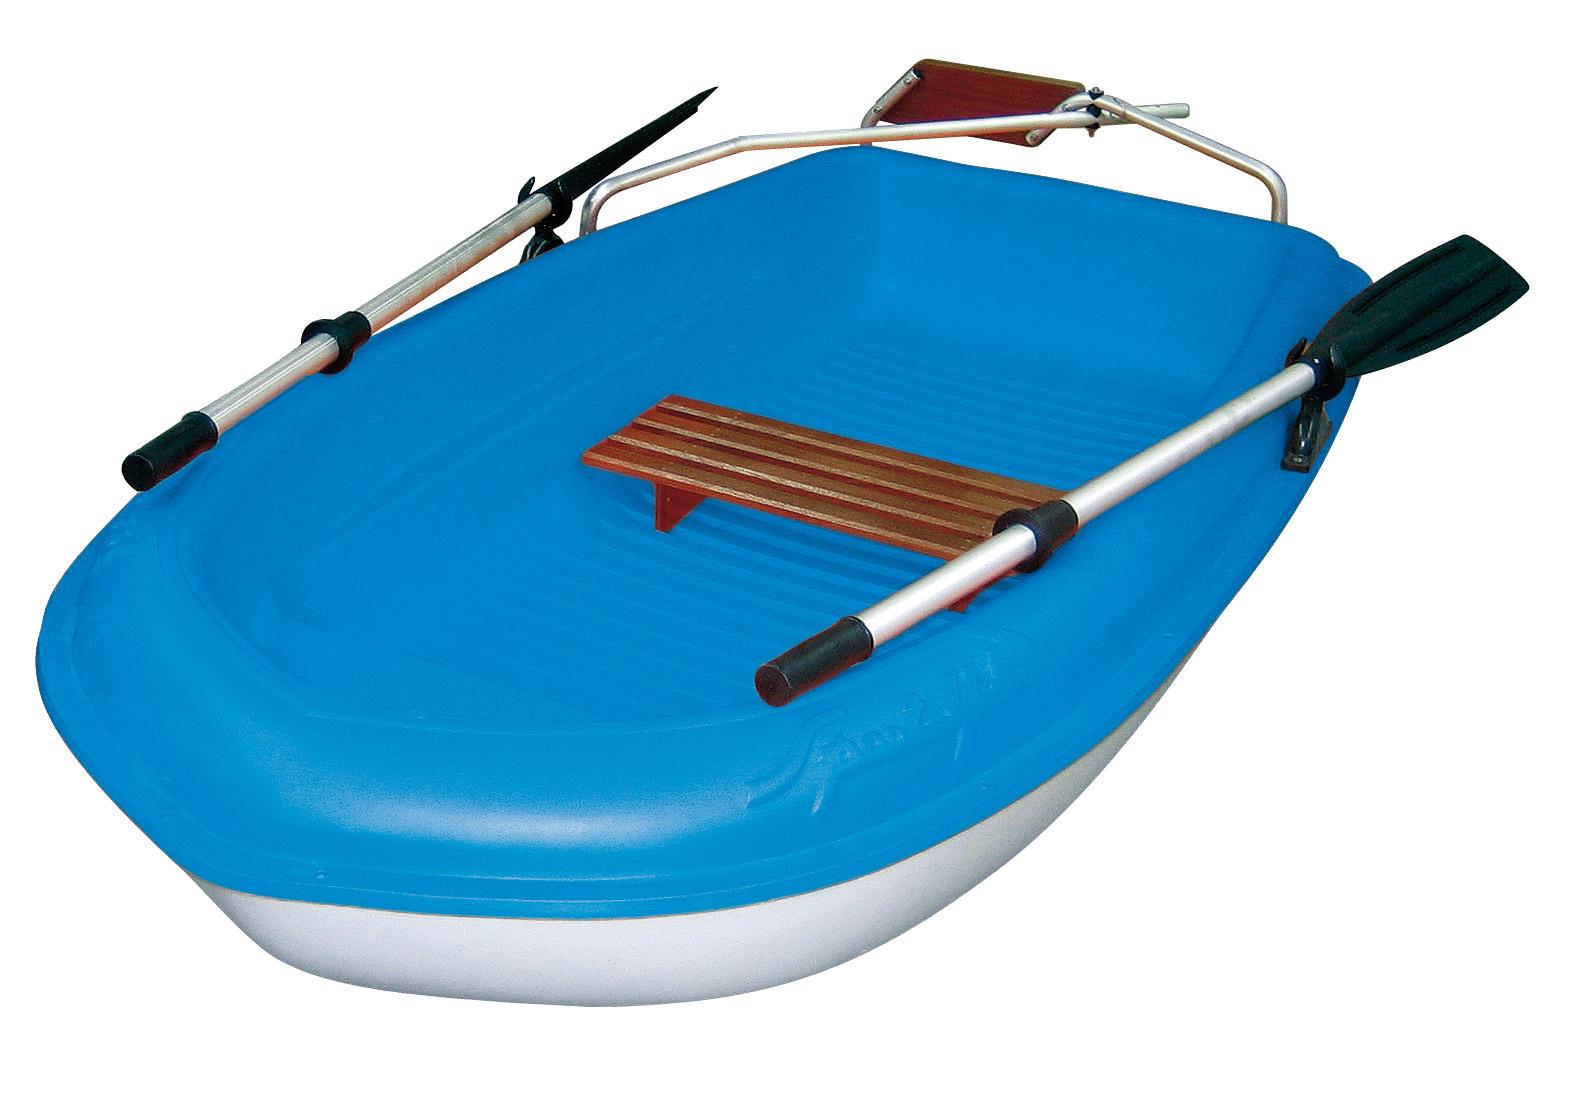 BIC Sportyak 213 Angelboot Ruderboot Boot Beiboot inkl. Ruder